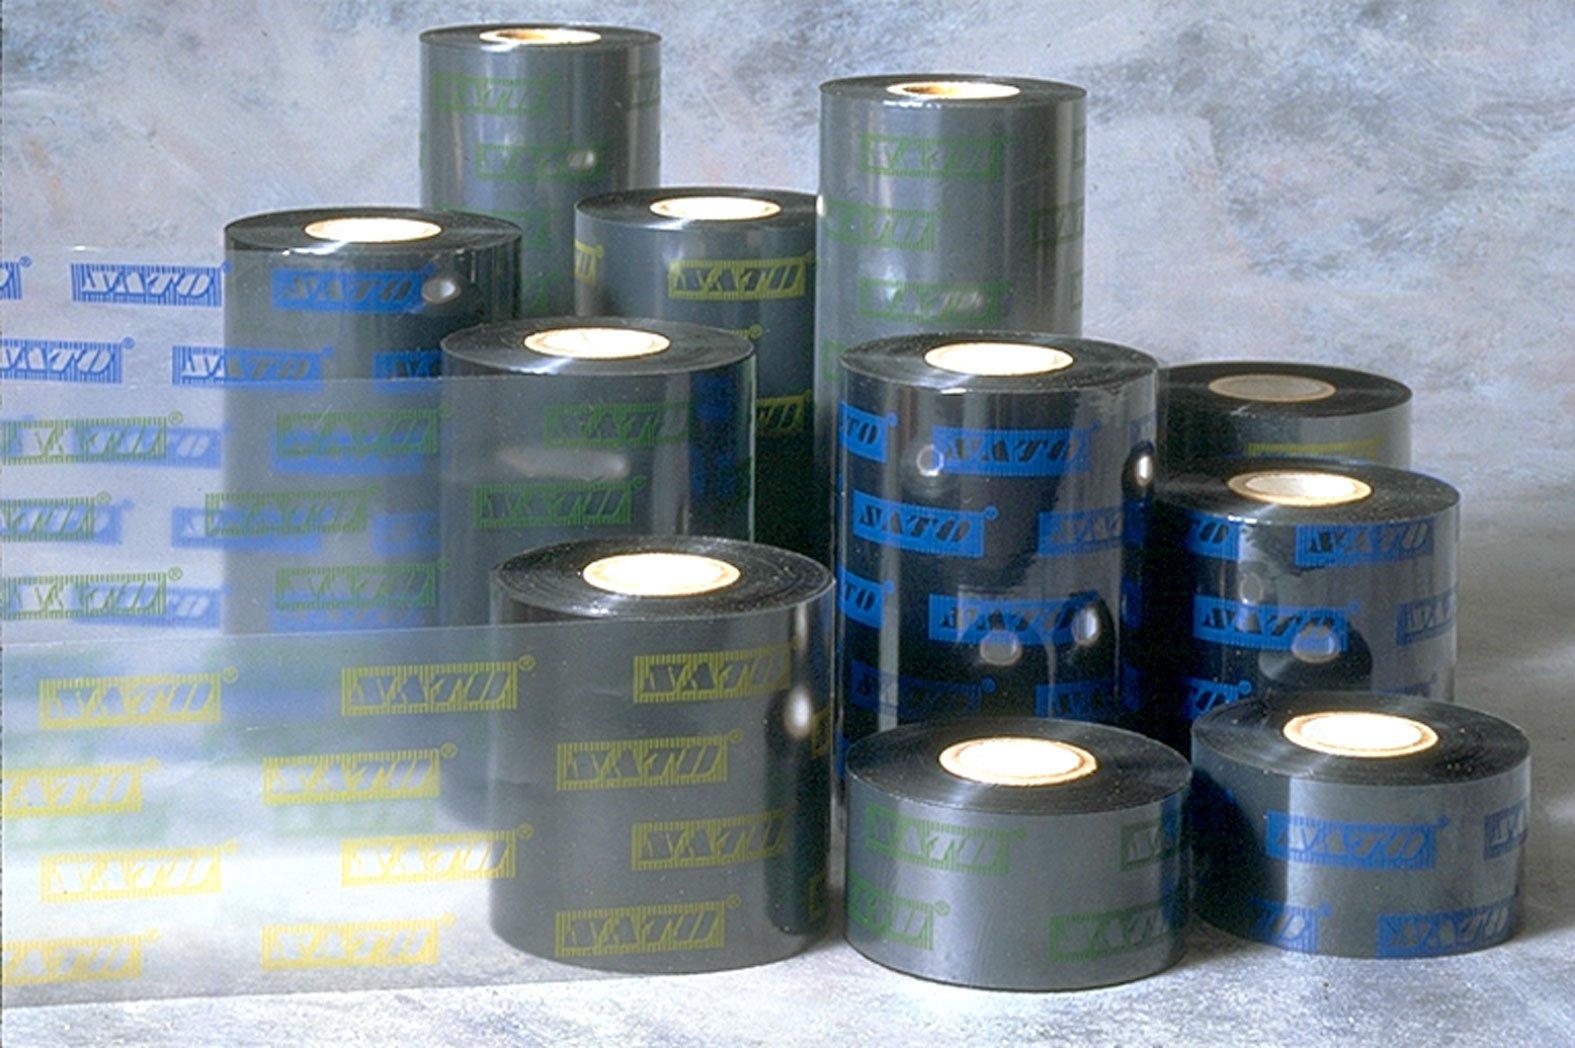 Sato 12S000112 T110A Premier II Wax/Resin Ribbon, CSI, 4.3'' W x 1345' L, 1'' Core  (Pack of 25)